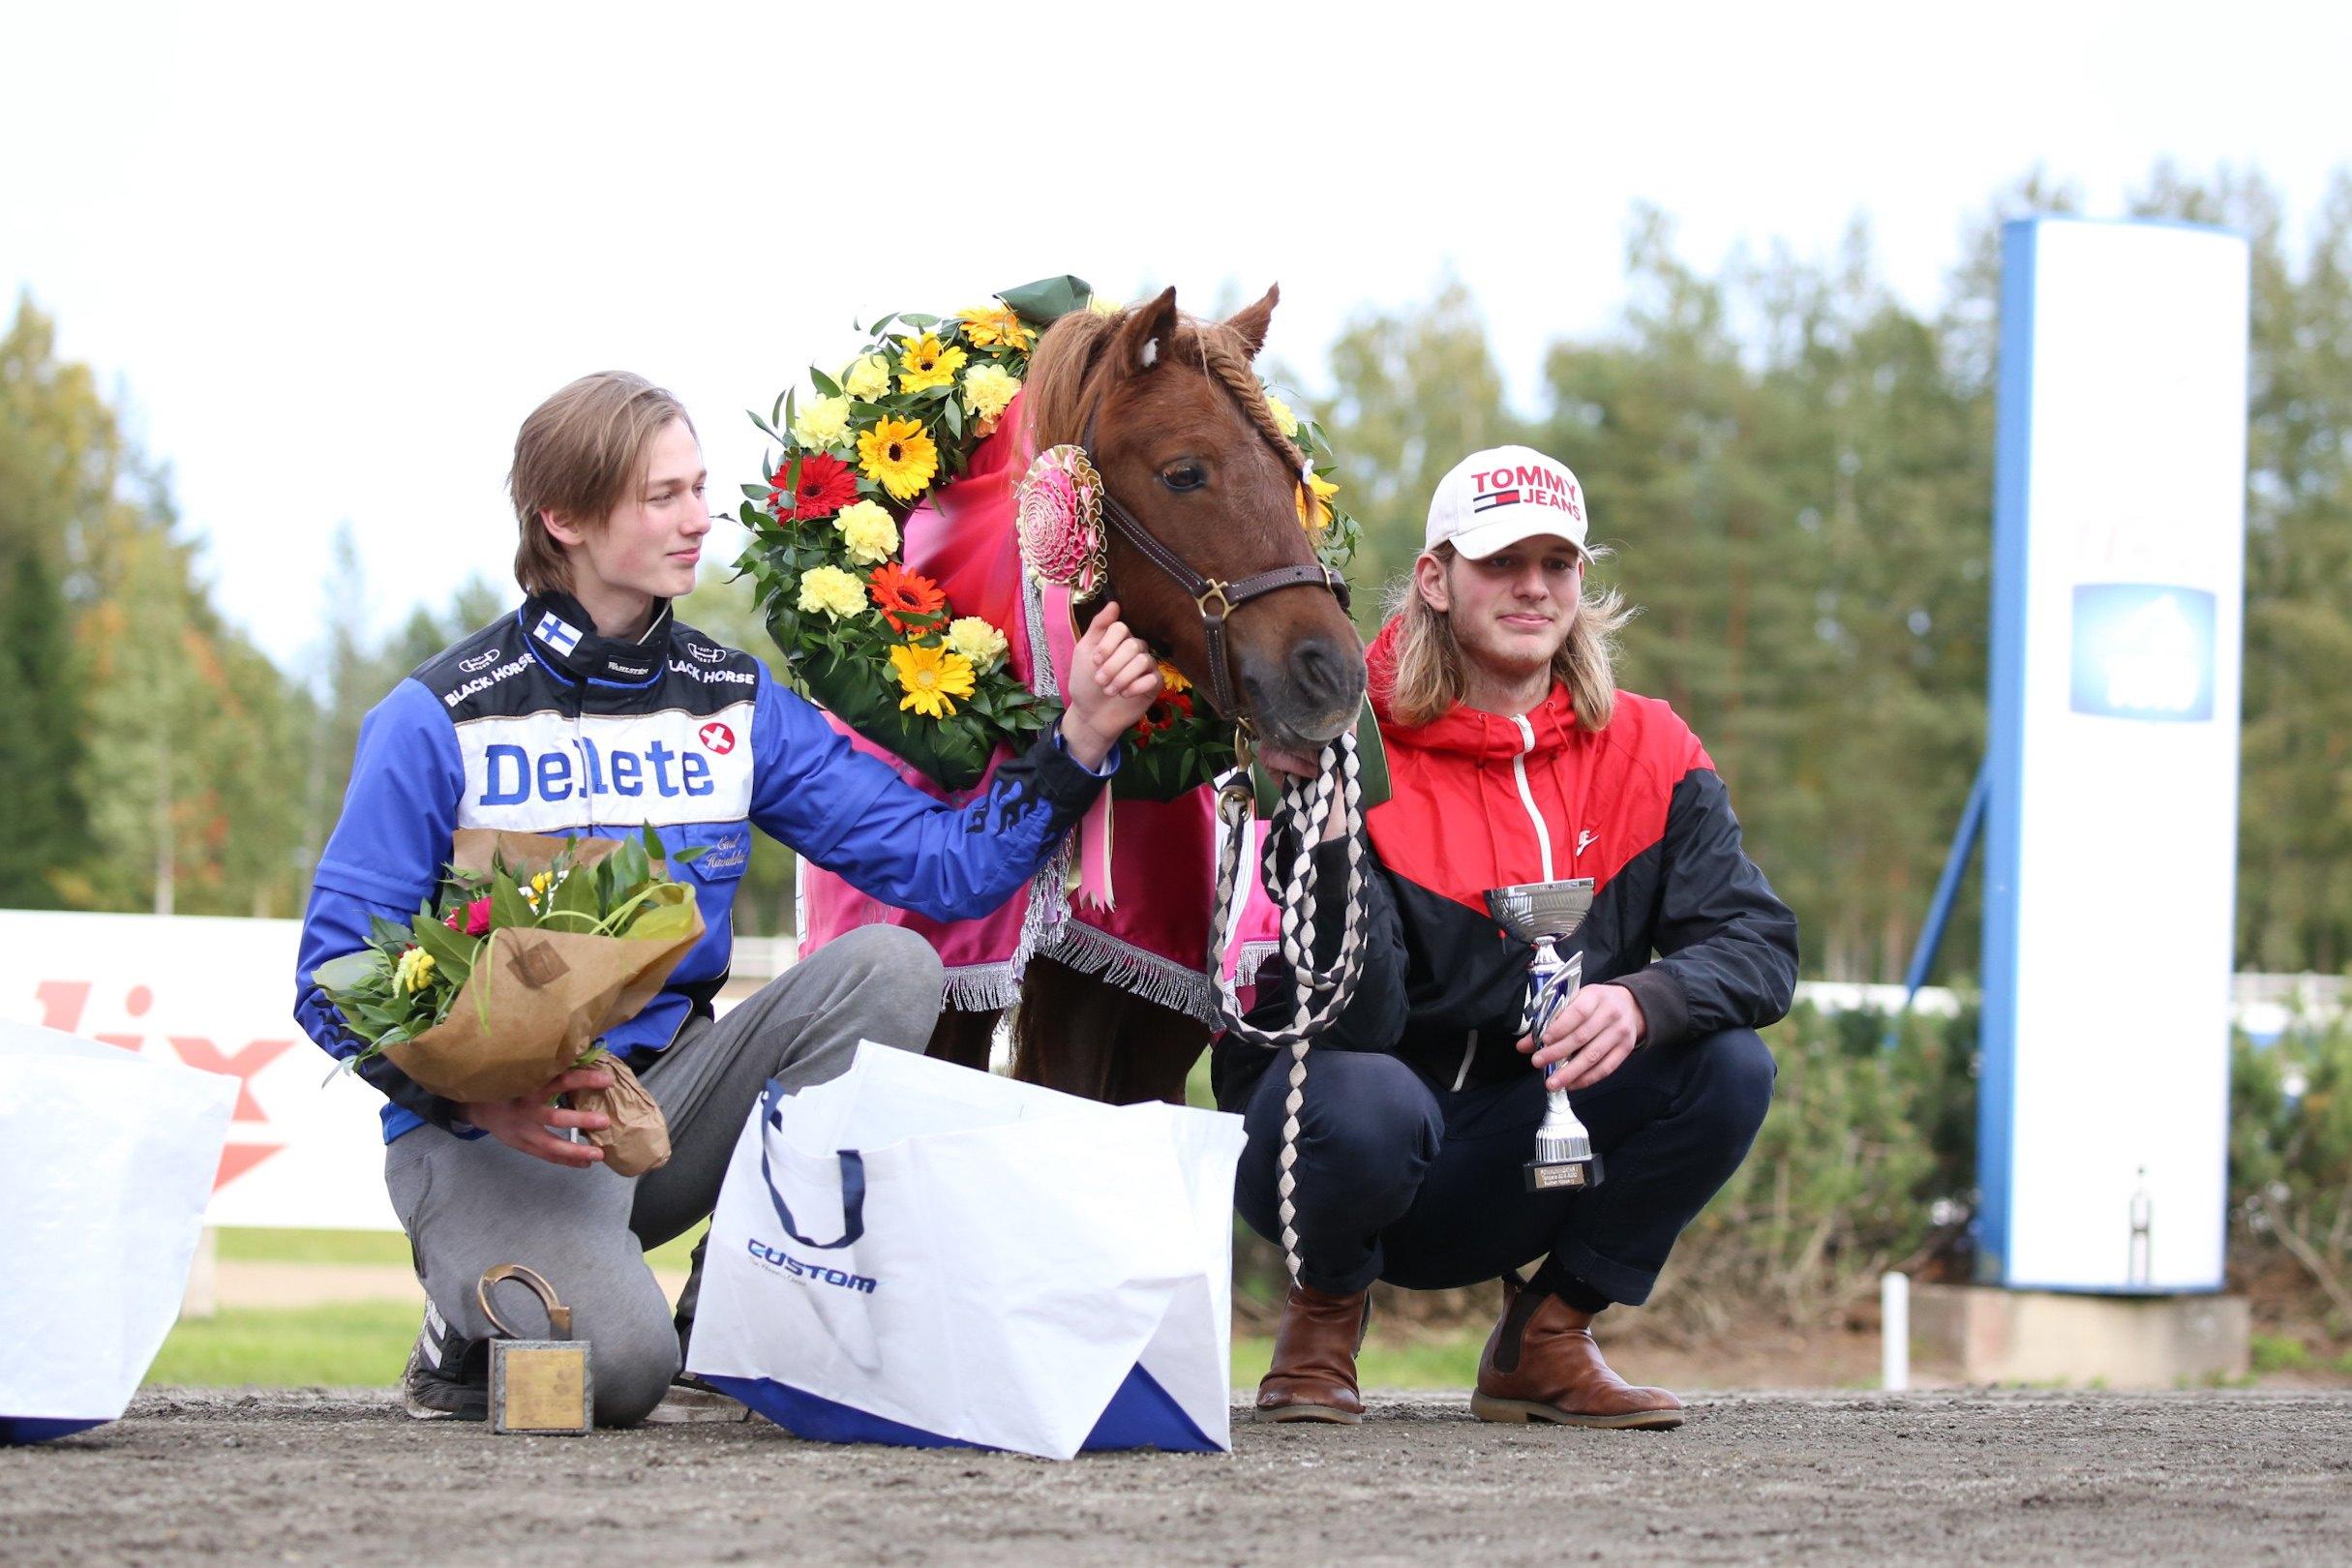 Emil ja Mats Havulehto Pomonan kanssa ponikuningatar-seremonioissa.